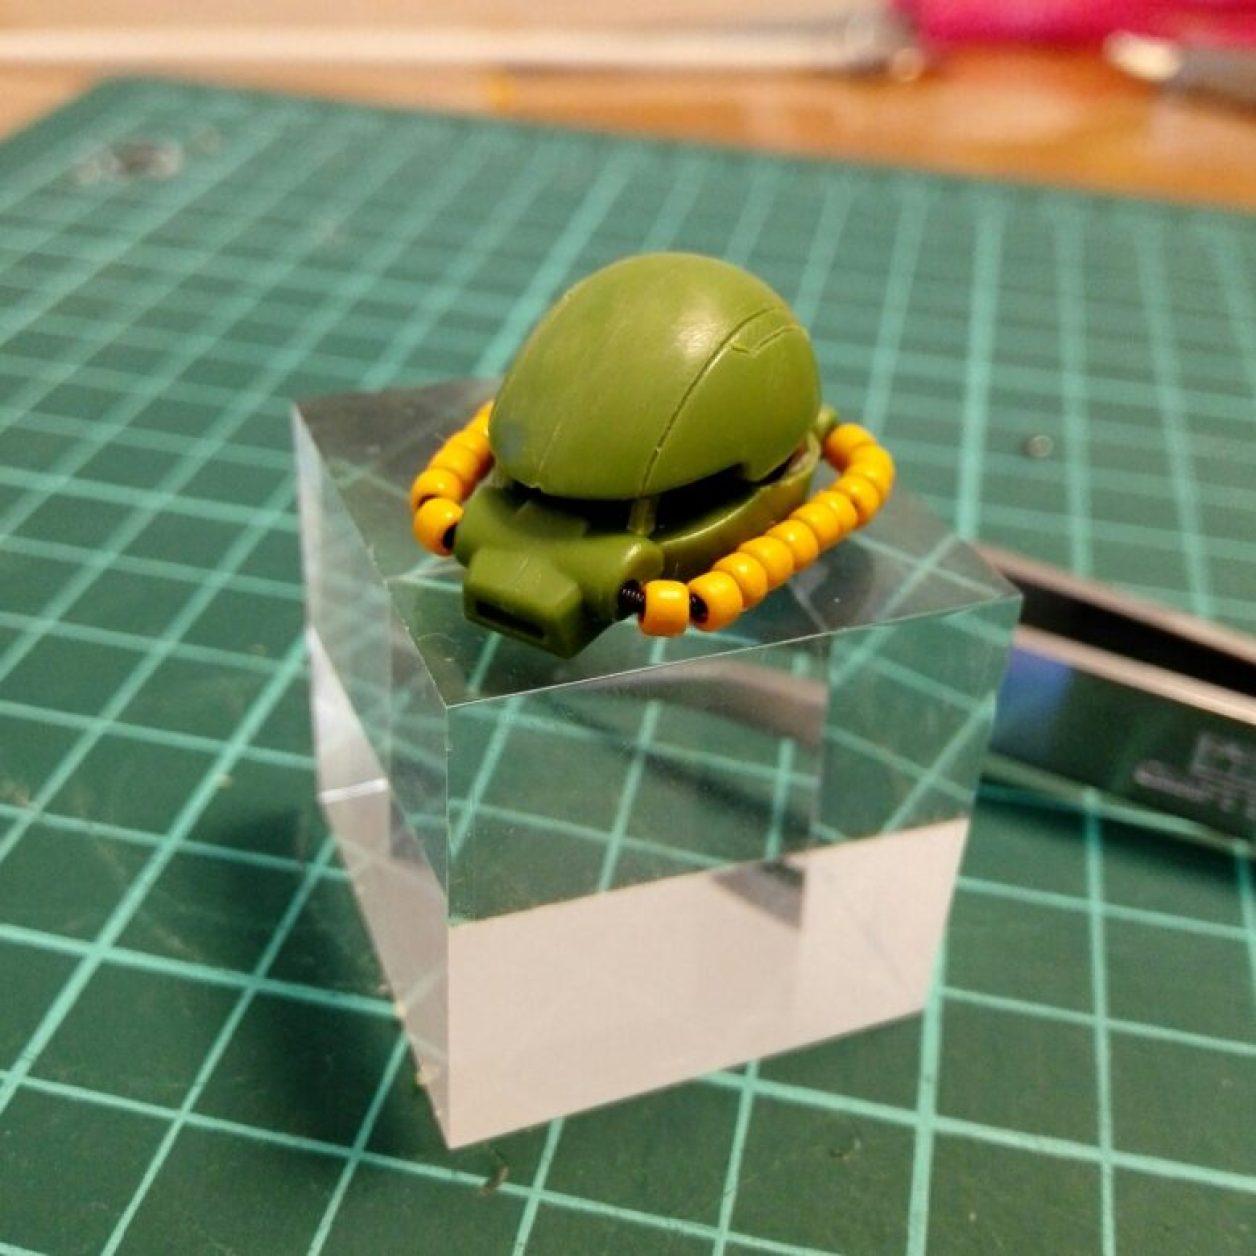 hgucハイザックの頭部ユニットを仮組みしてスリット幅を狭くするための改造を終えた画像